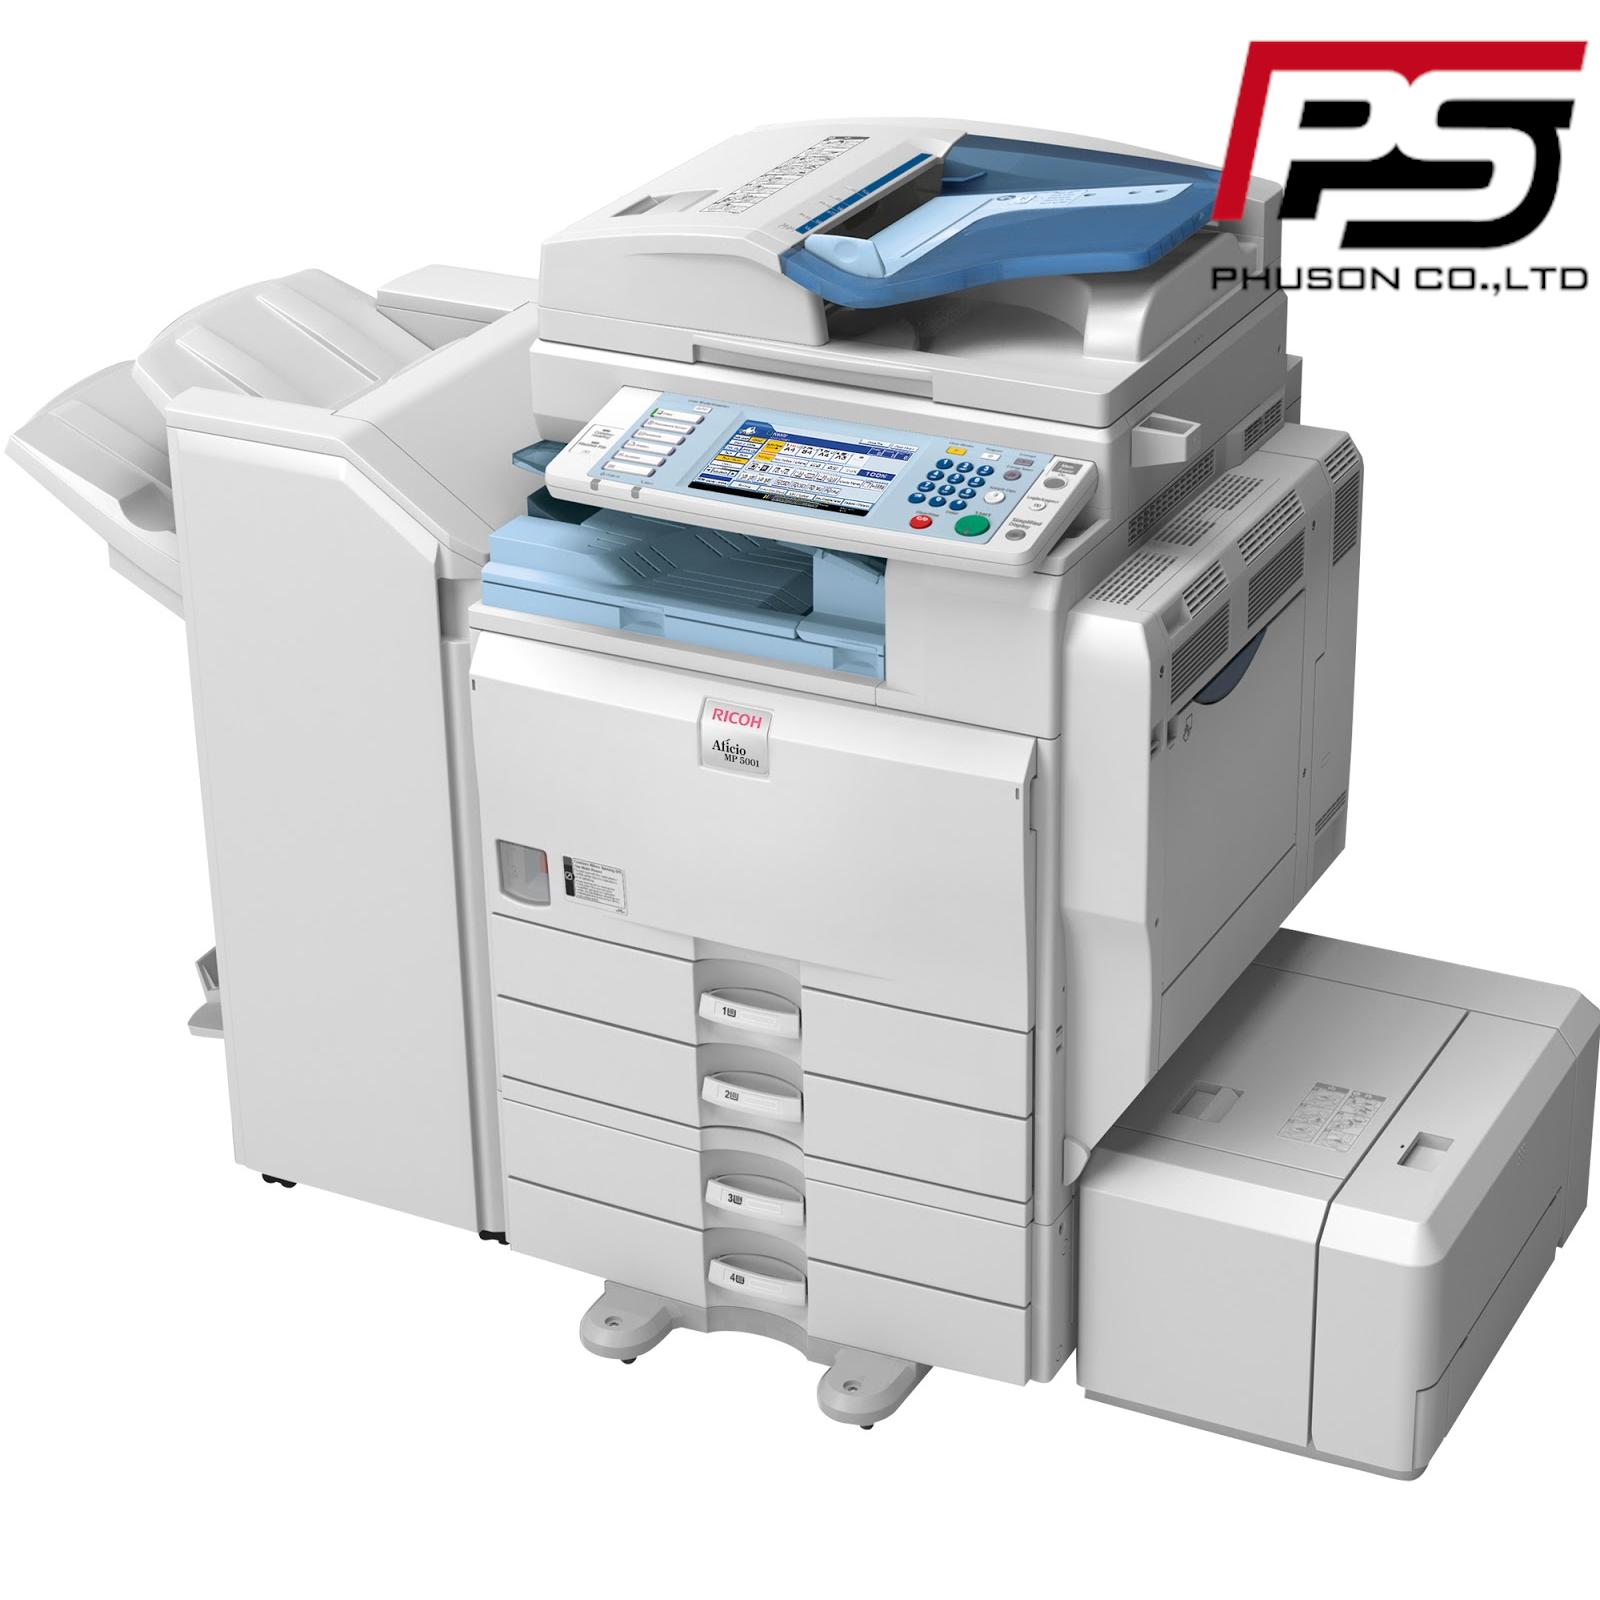 Thuê máy Photocopy Ricoh Aficio MP 4000B